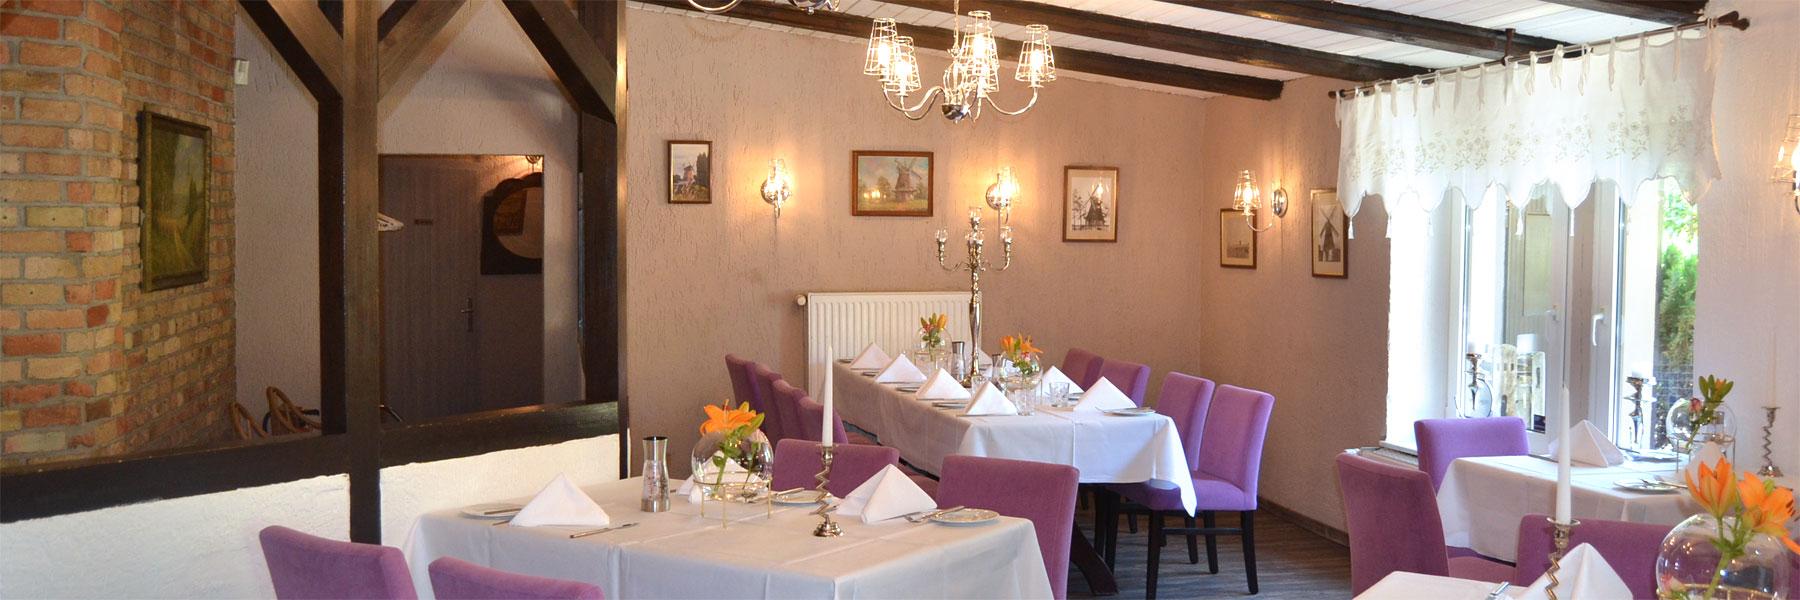 """Restaurant - Dierkower Mühle """"Zum Holländer"""""""